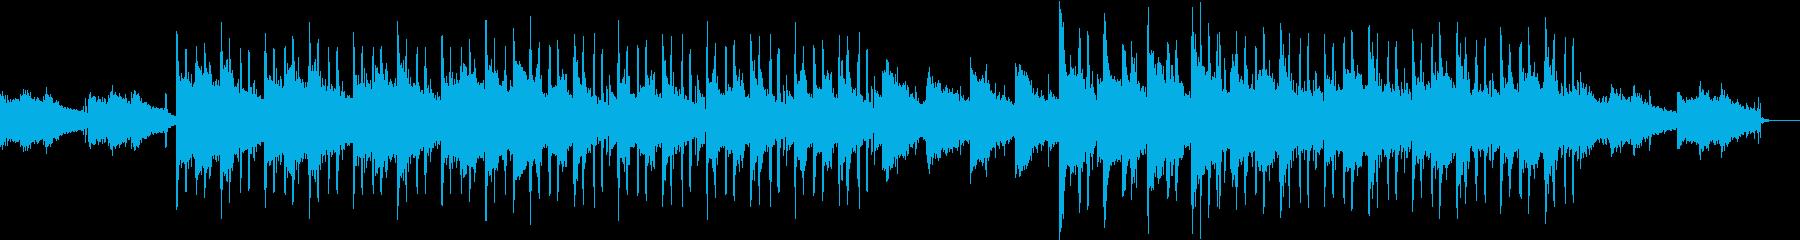 Lofi、ポップス、ダーク、OPの再生済みの波形